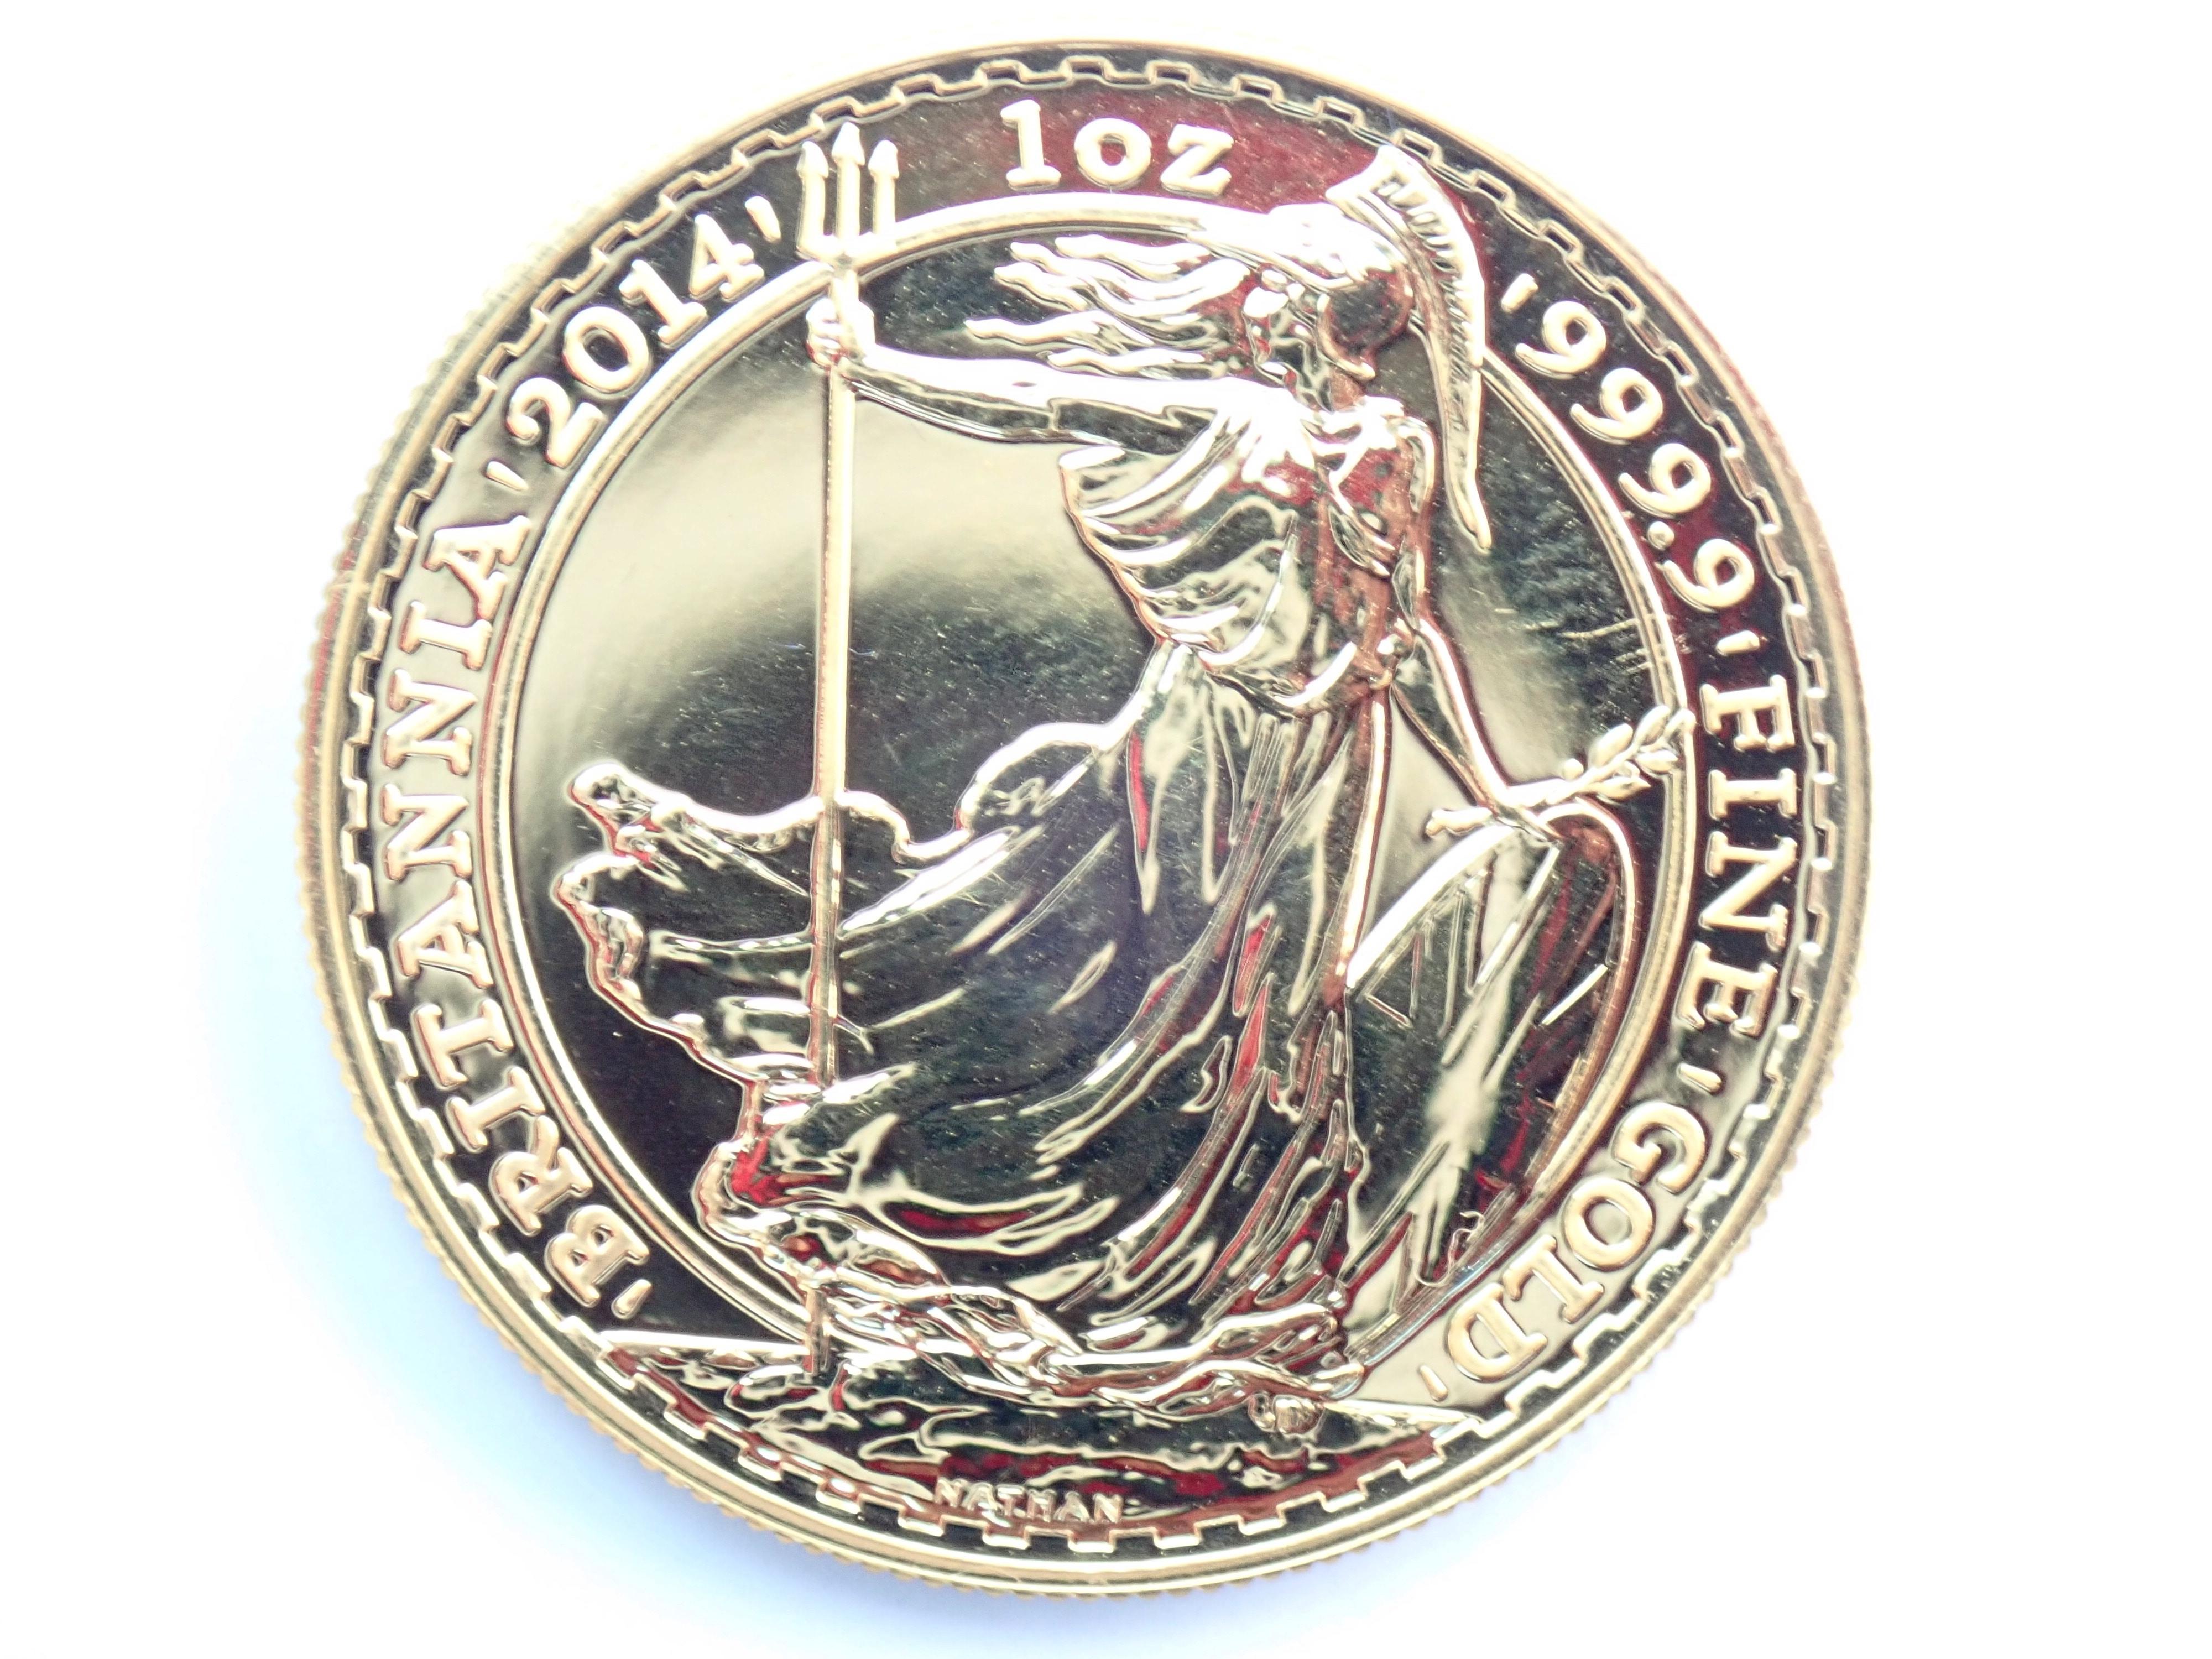 AA000804 1 - 2014 1oz Pure 999.9 Gold 24k £100 Britannia Coin Bullion #0051